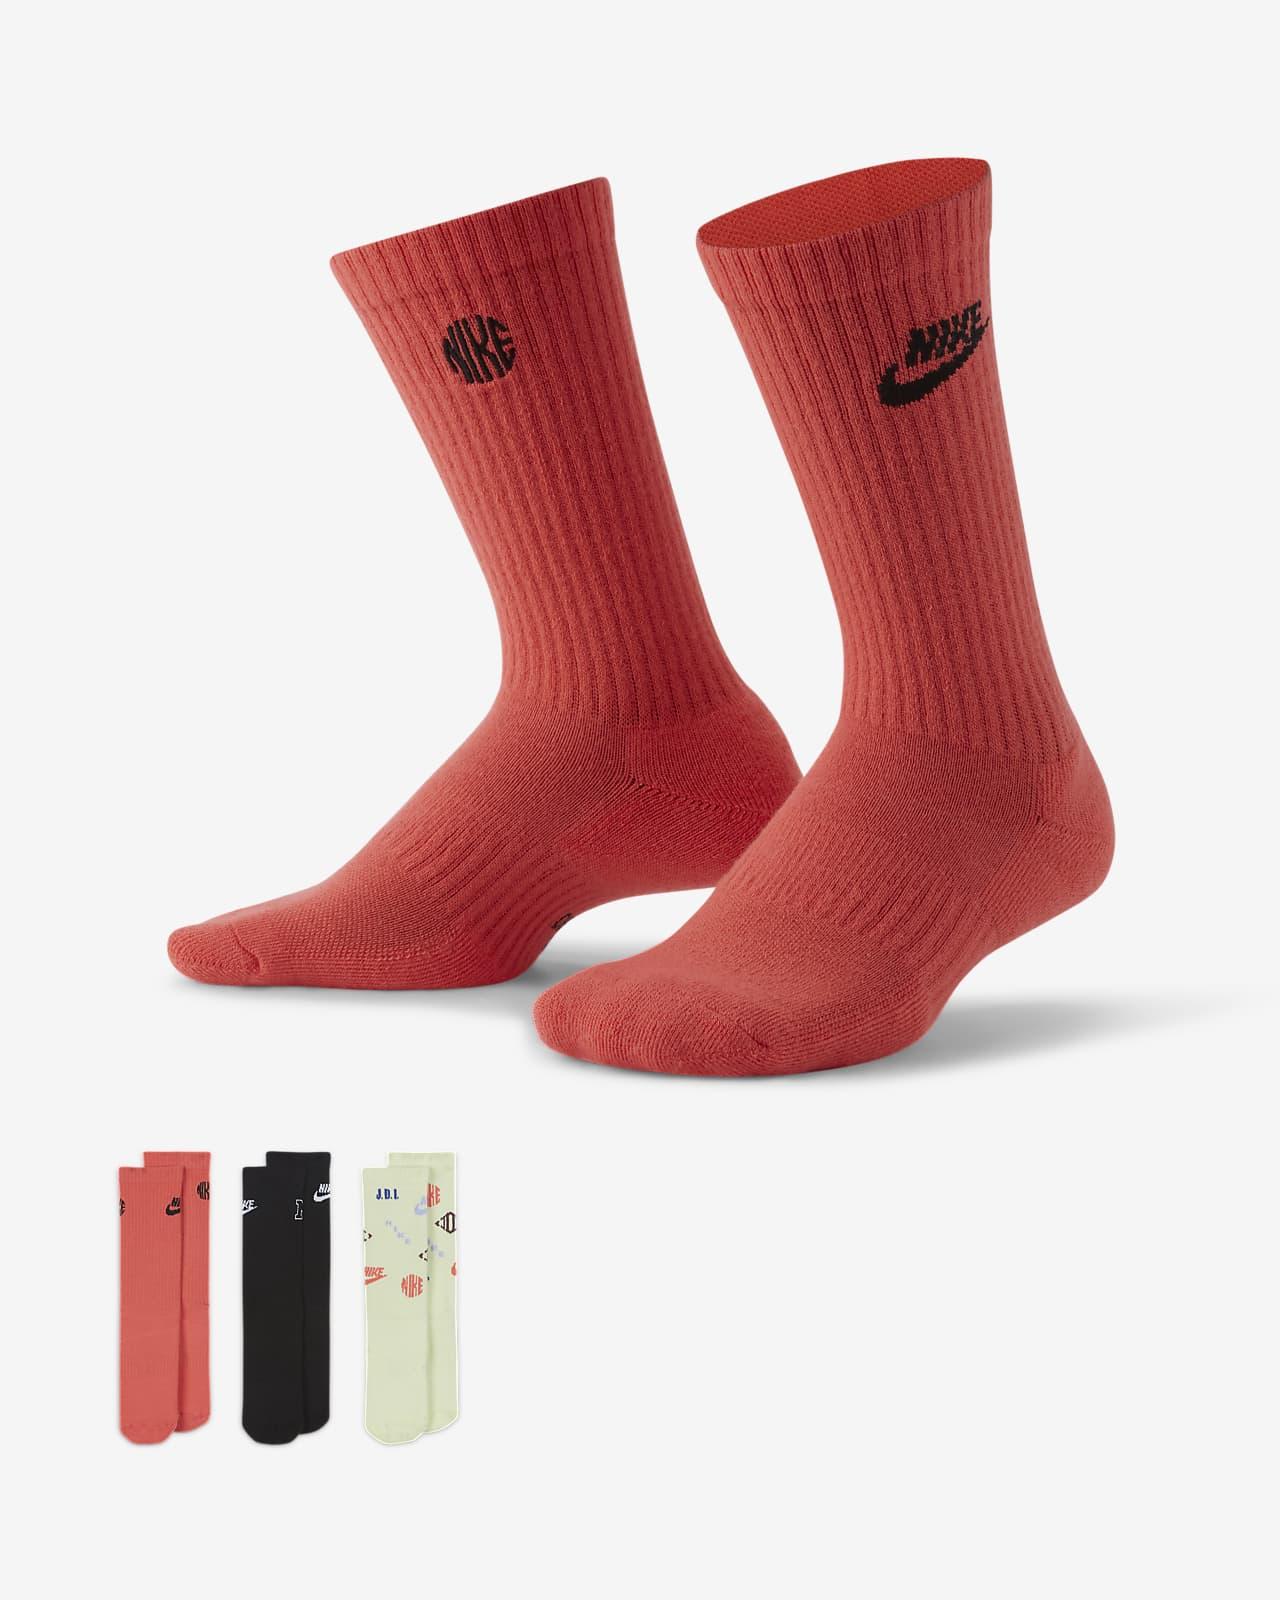 Chaussettes mi-mollet rembourrées Nike Everyday pour Enfant (3 paires)